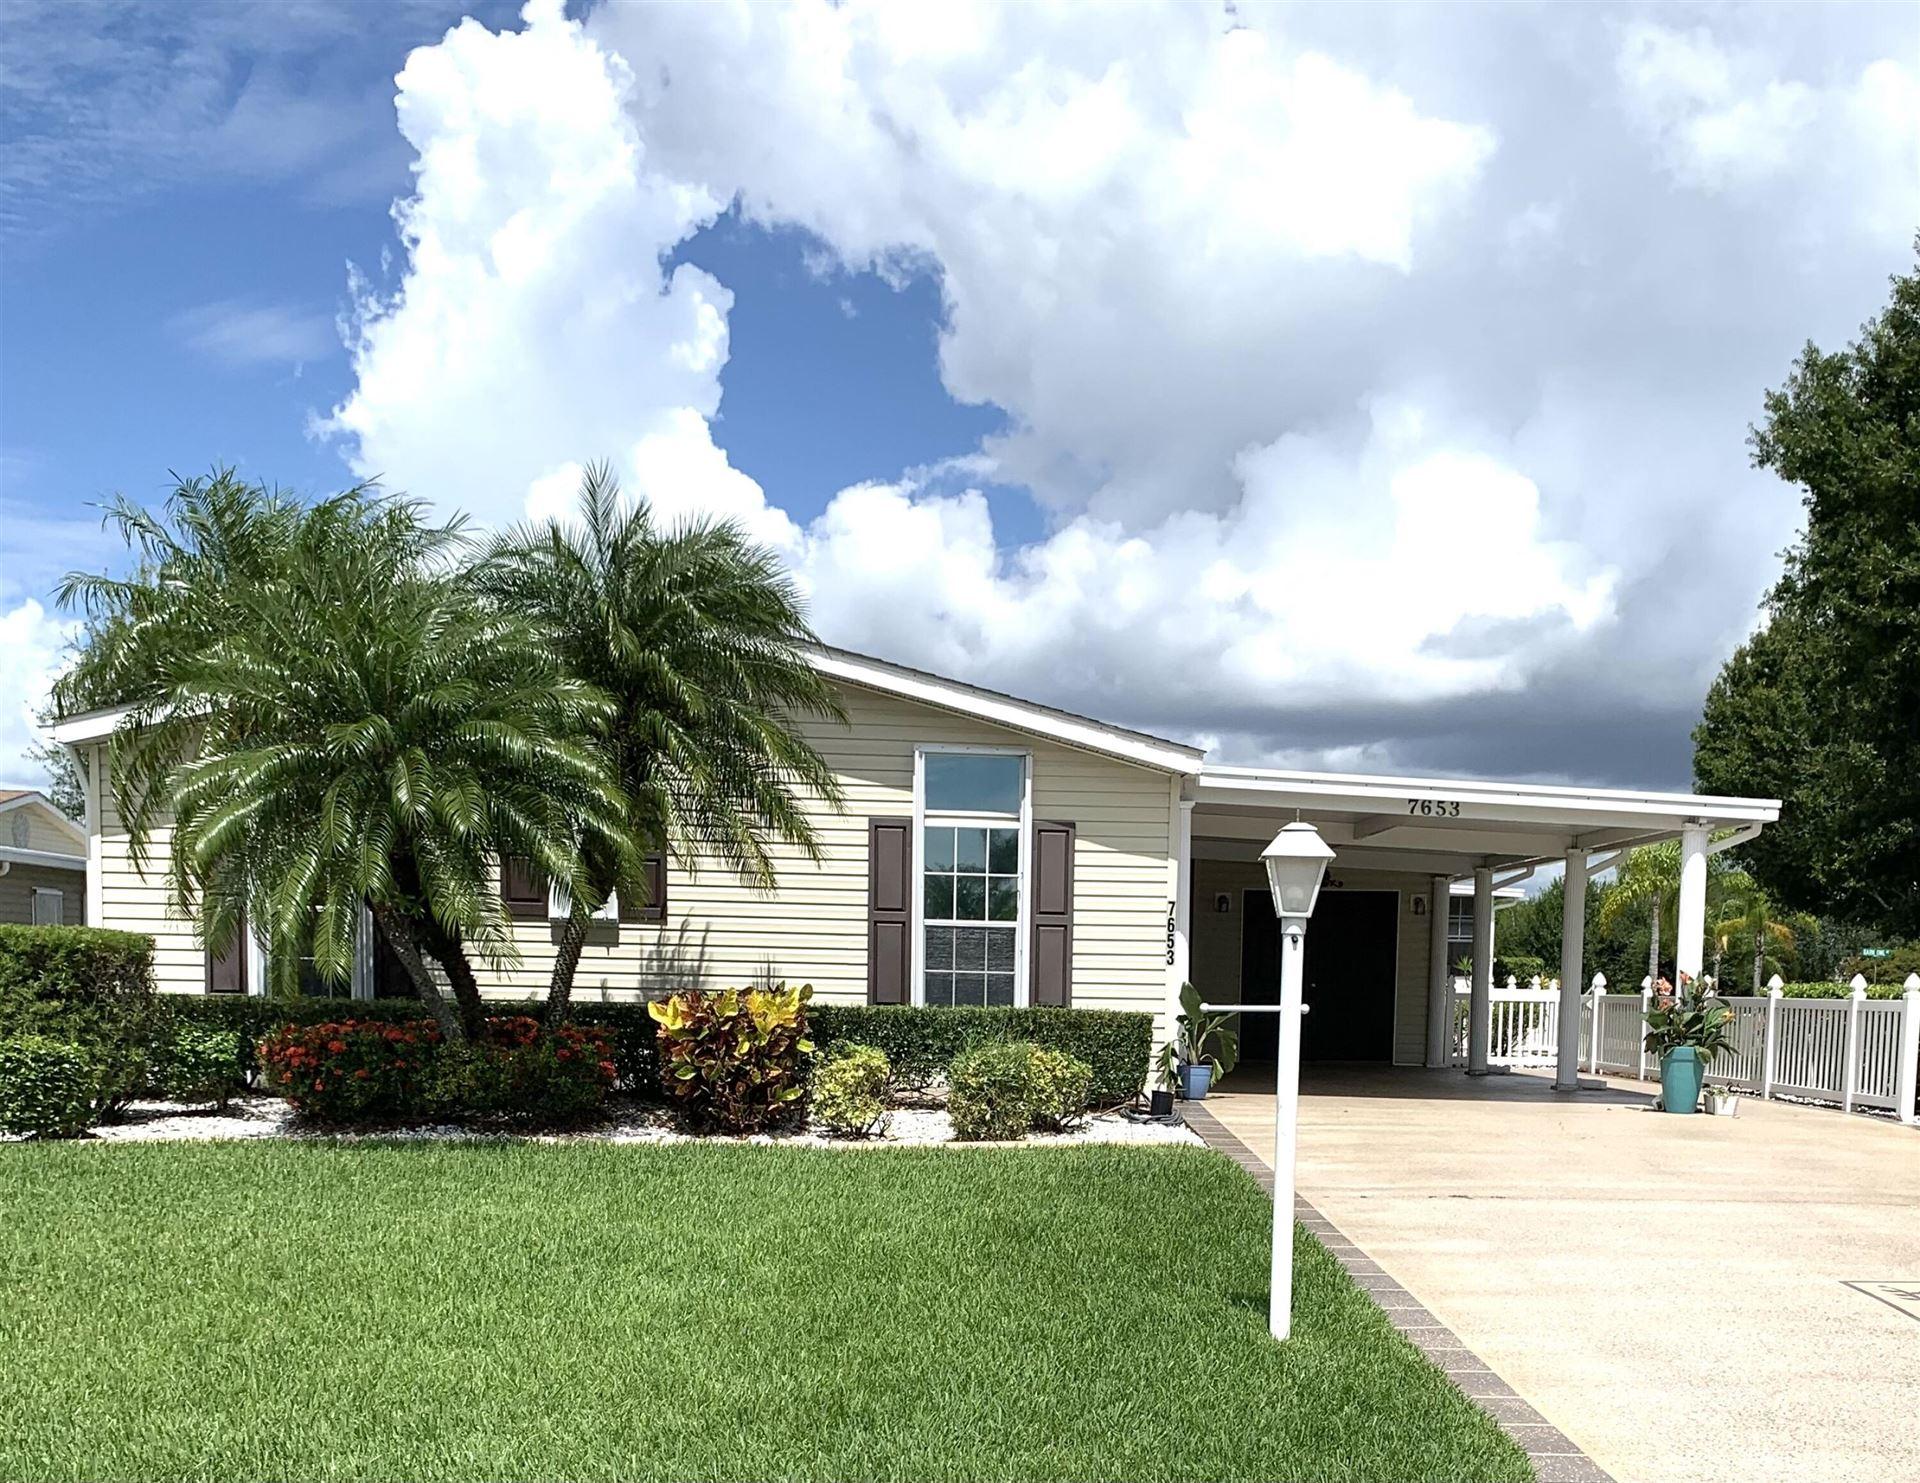 7653 Mcclintock Way, Port Saint Lucie, FL 34953 - MLS#: RX-10729501